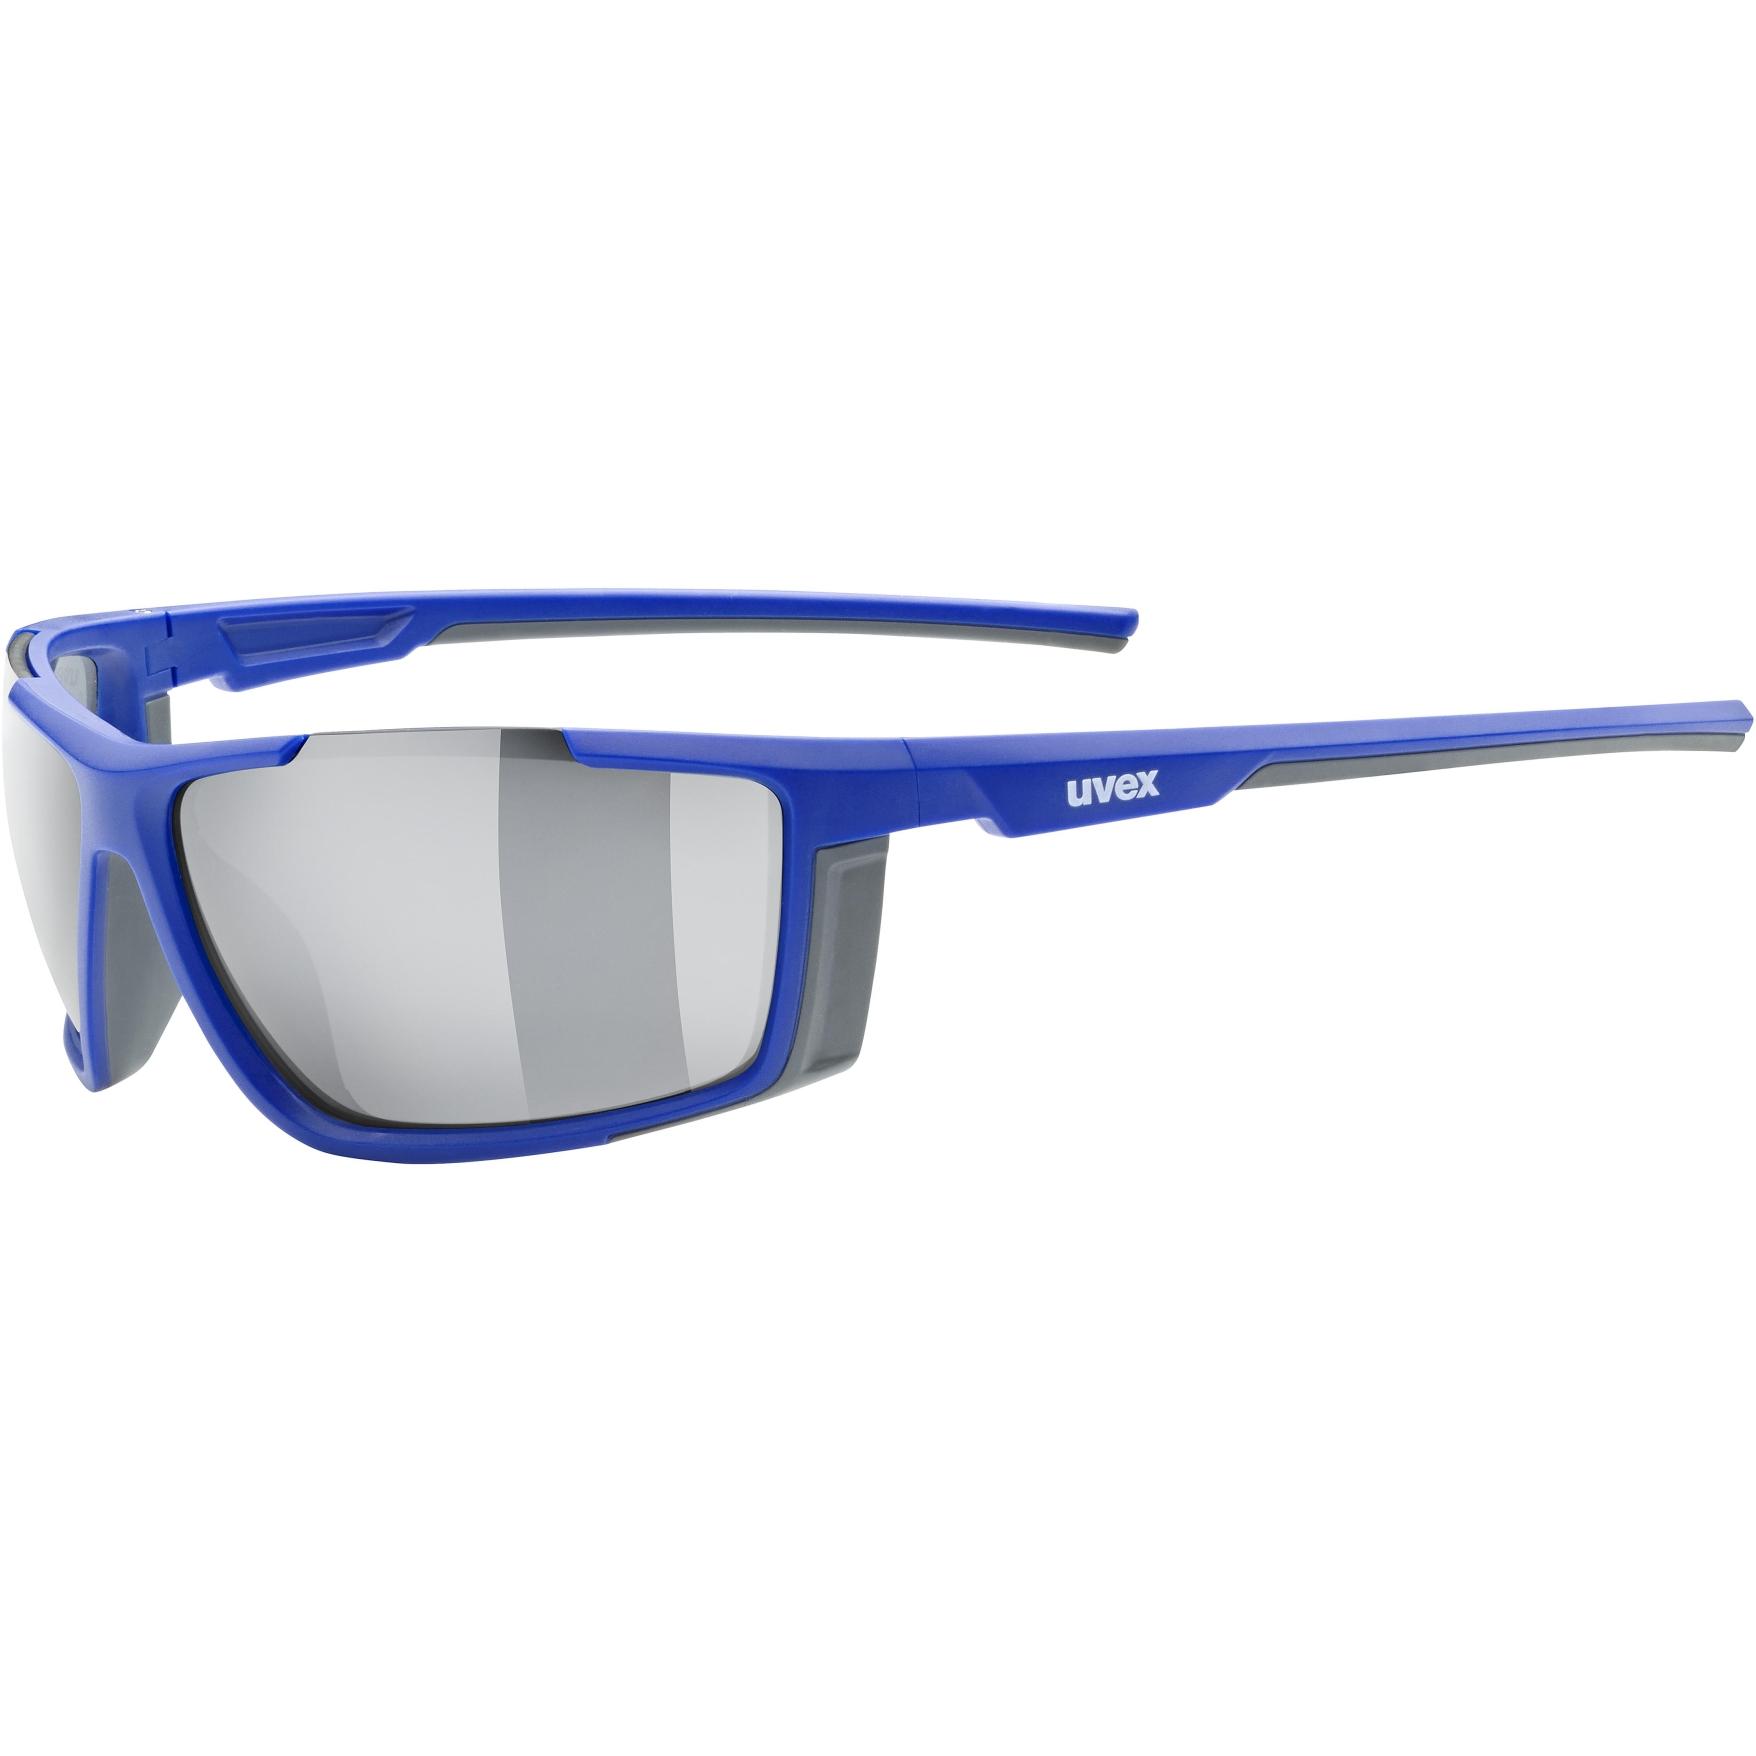 Uvex sportstyle 310 Brille - blue mat/mirror silver